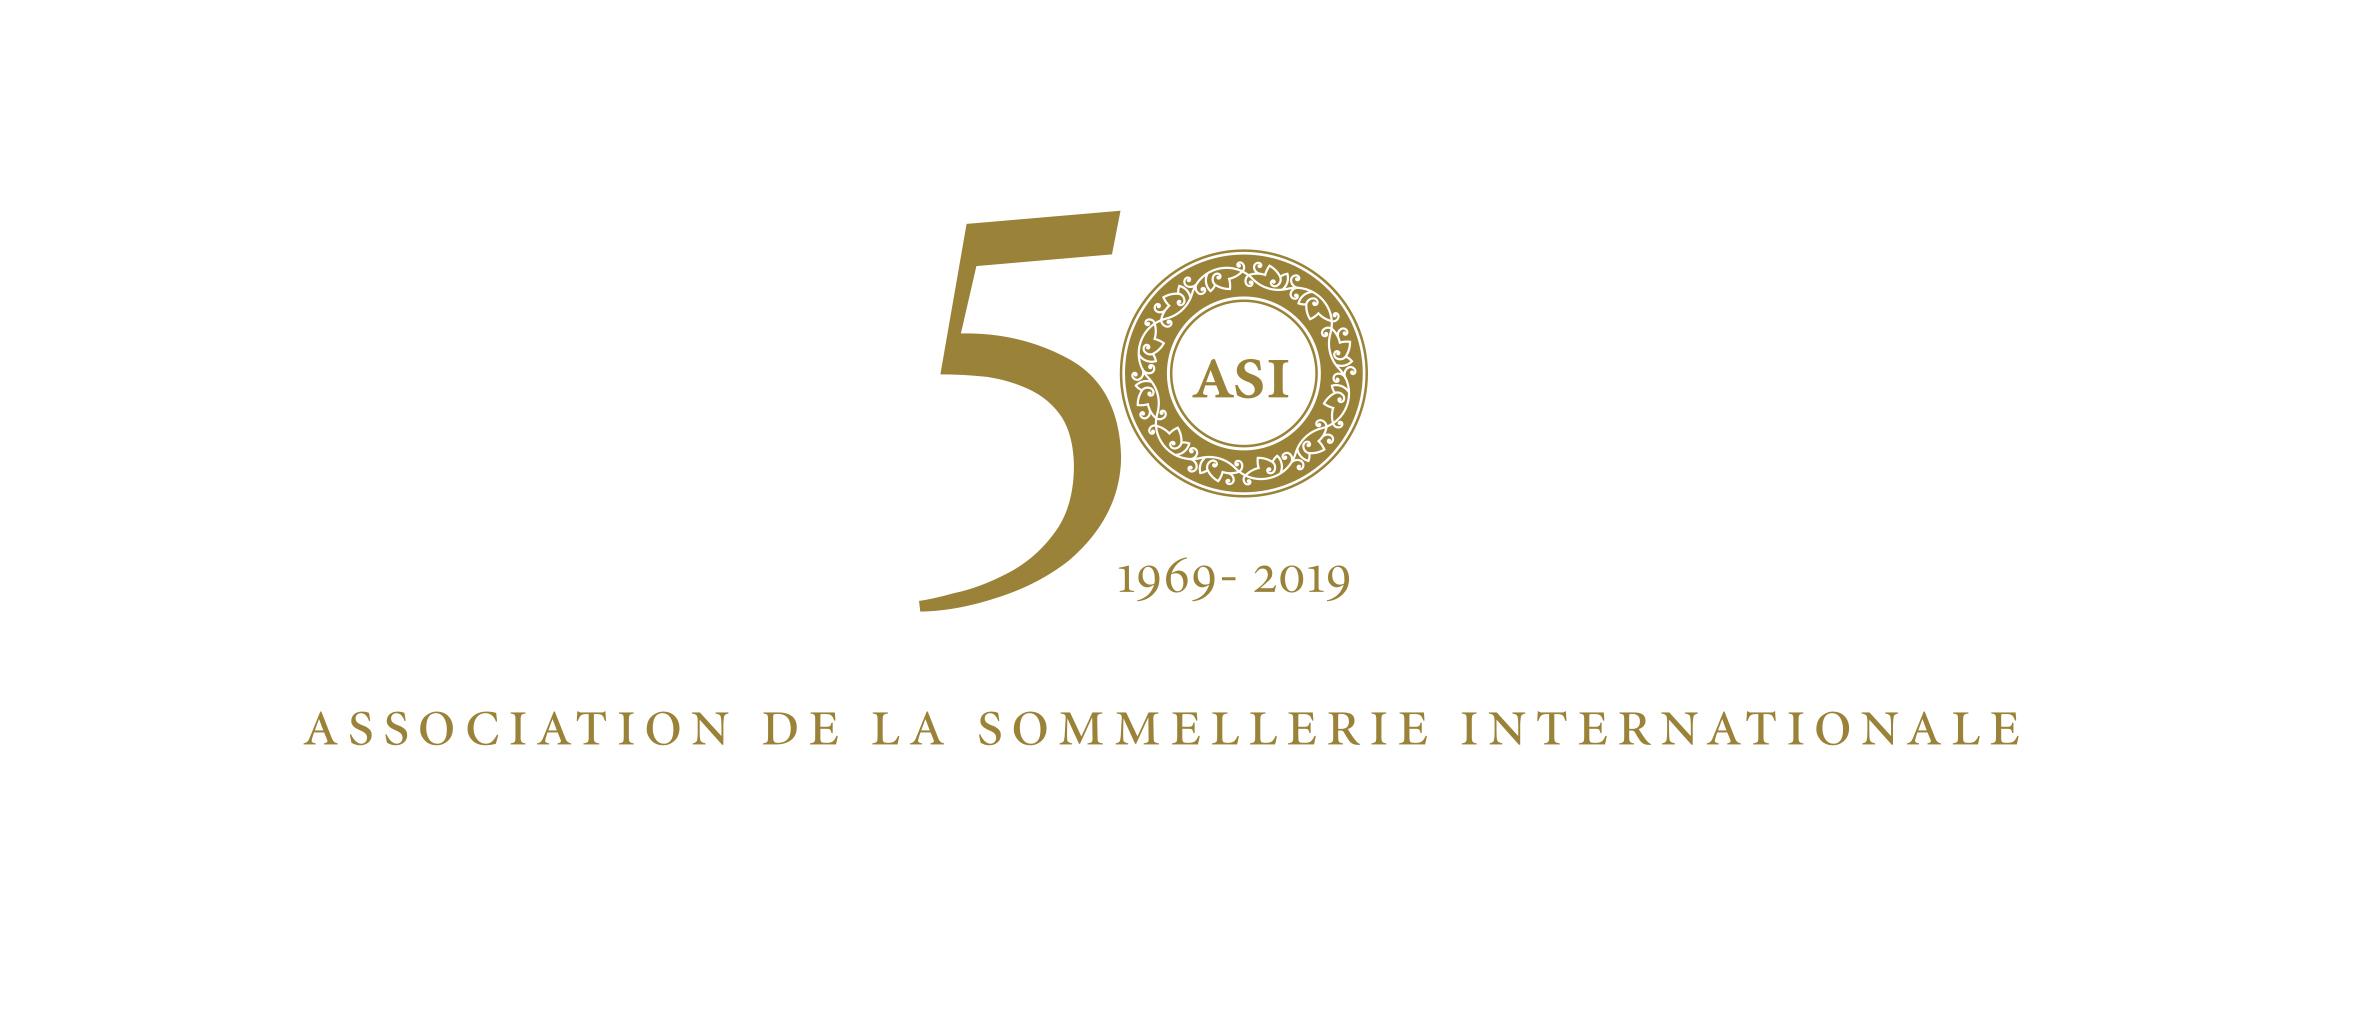 ASI 50 años_VERSIONES_CURVAS